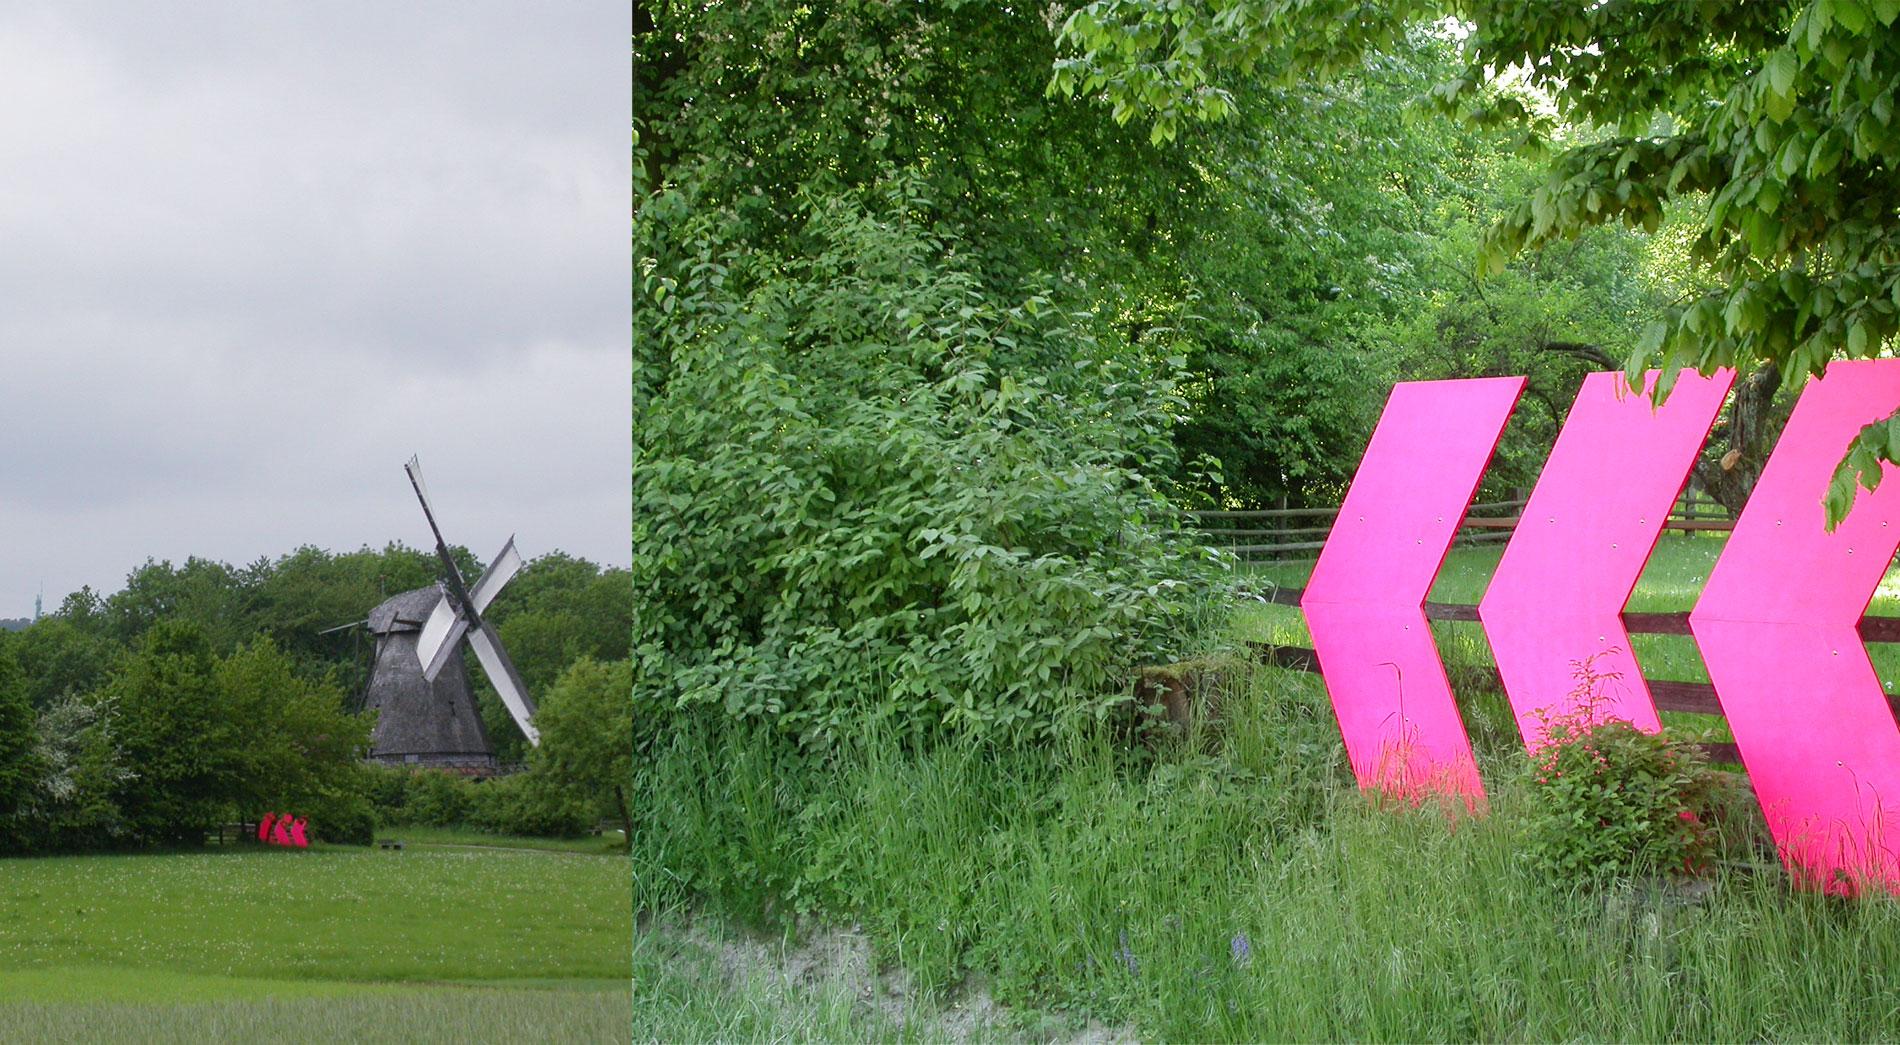 In Fahrt, Jahresausstellung 2008 des Freilichtmuseum Detmold, Wegweiser, Leitsystem